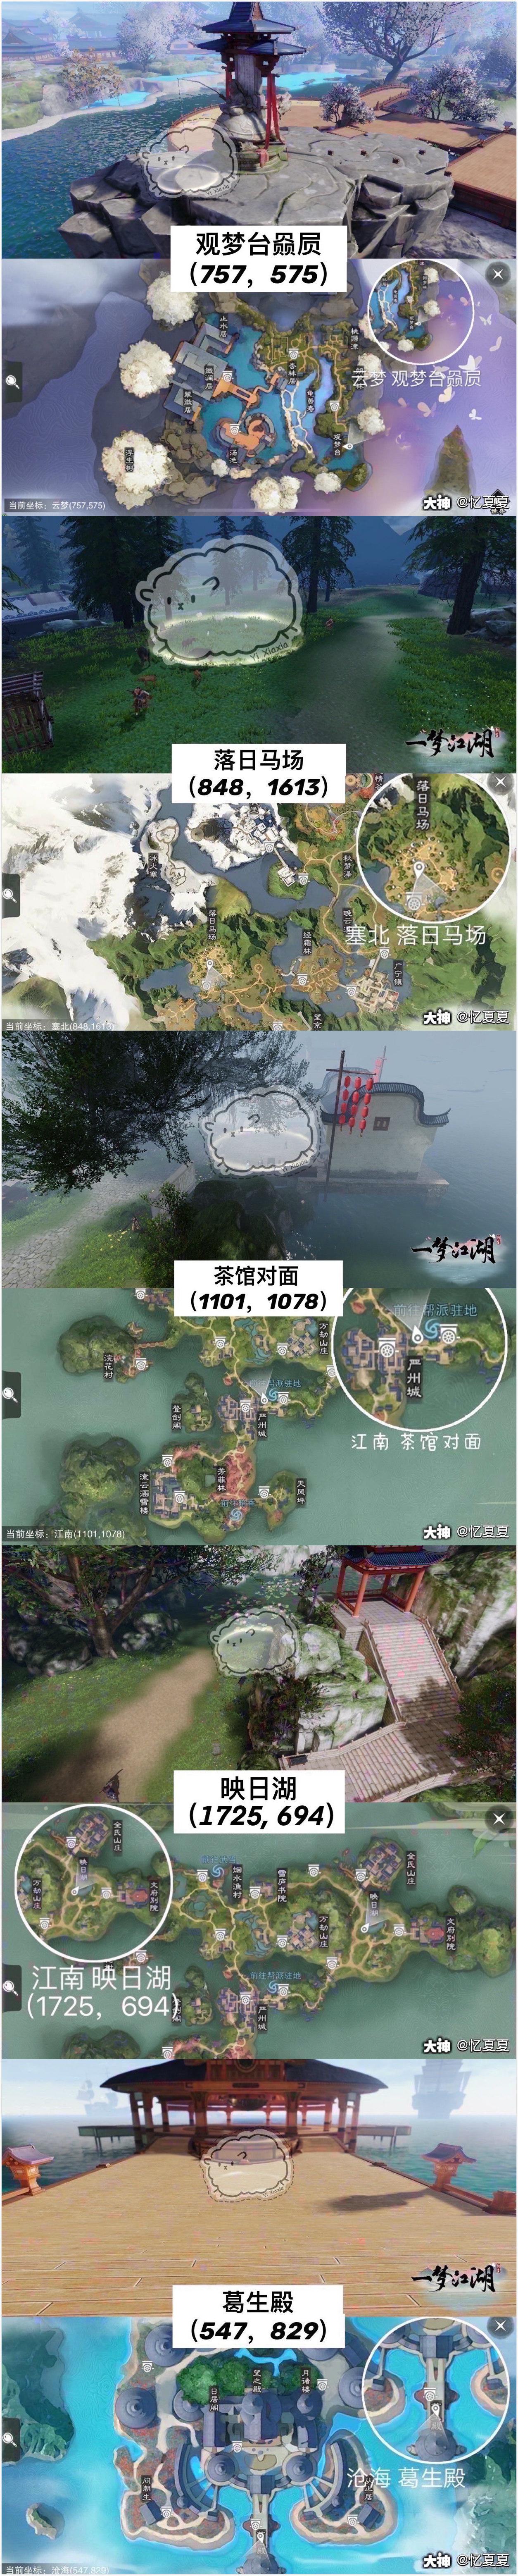 一梦江湖2021年2月2日打坐点坐标一览